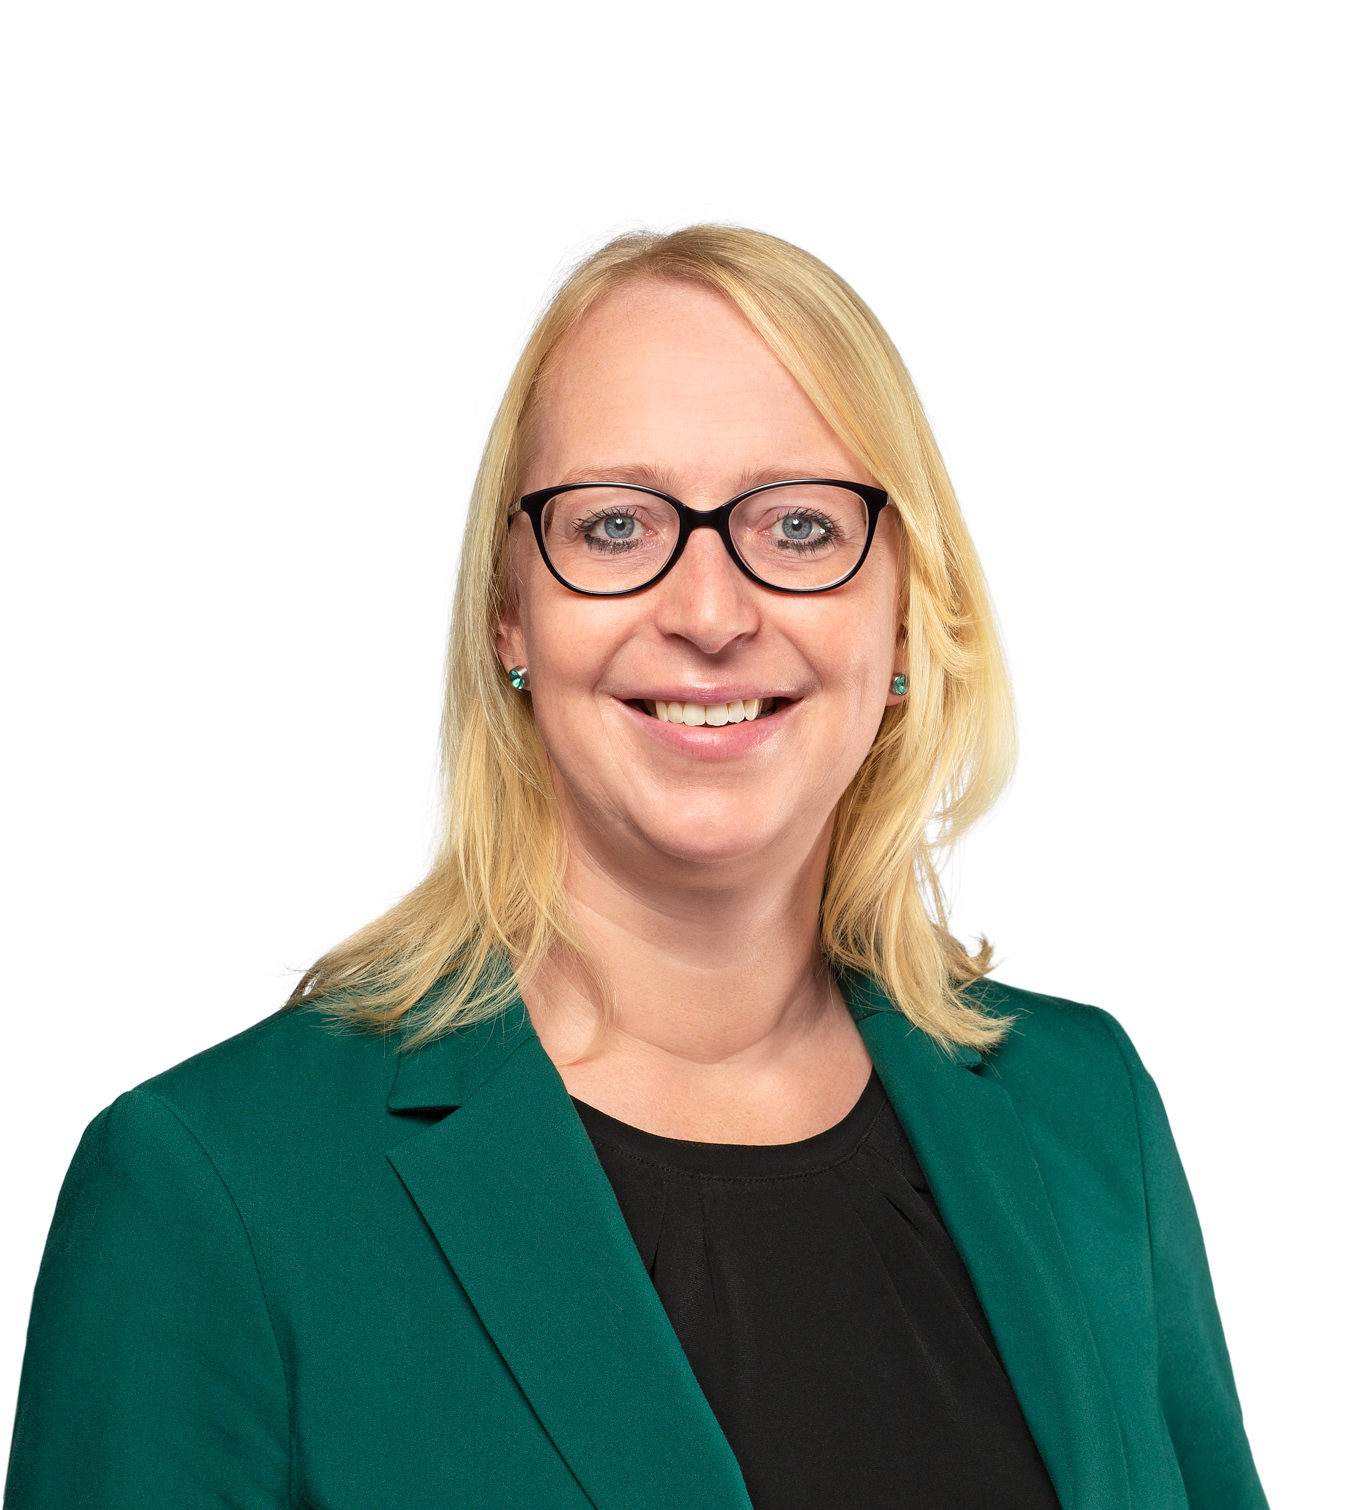 Portretfoto van medewerker Martine Sillekens